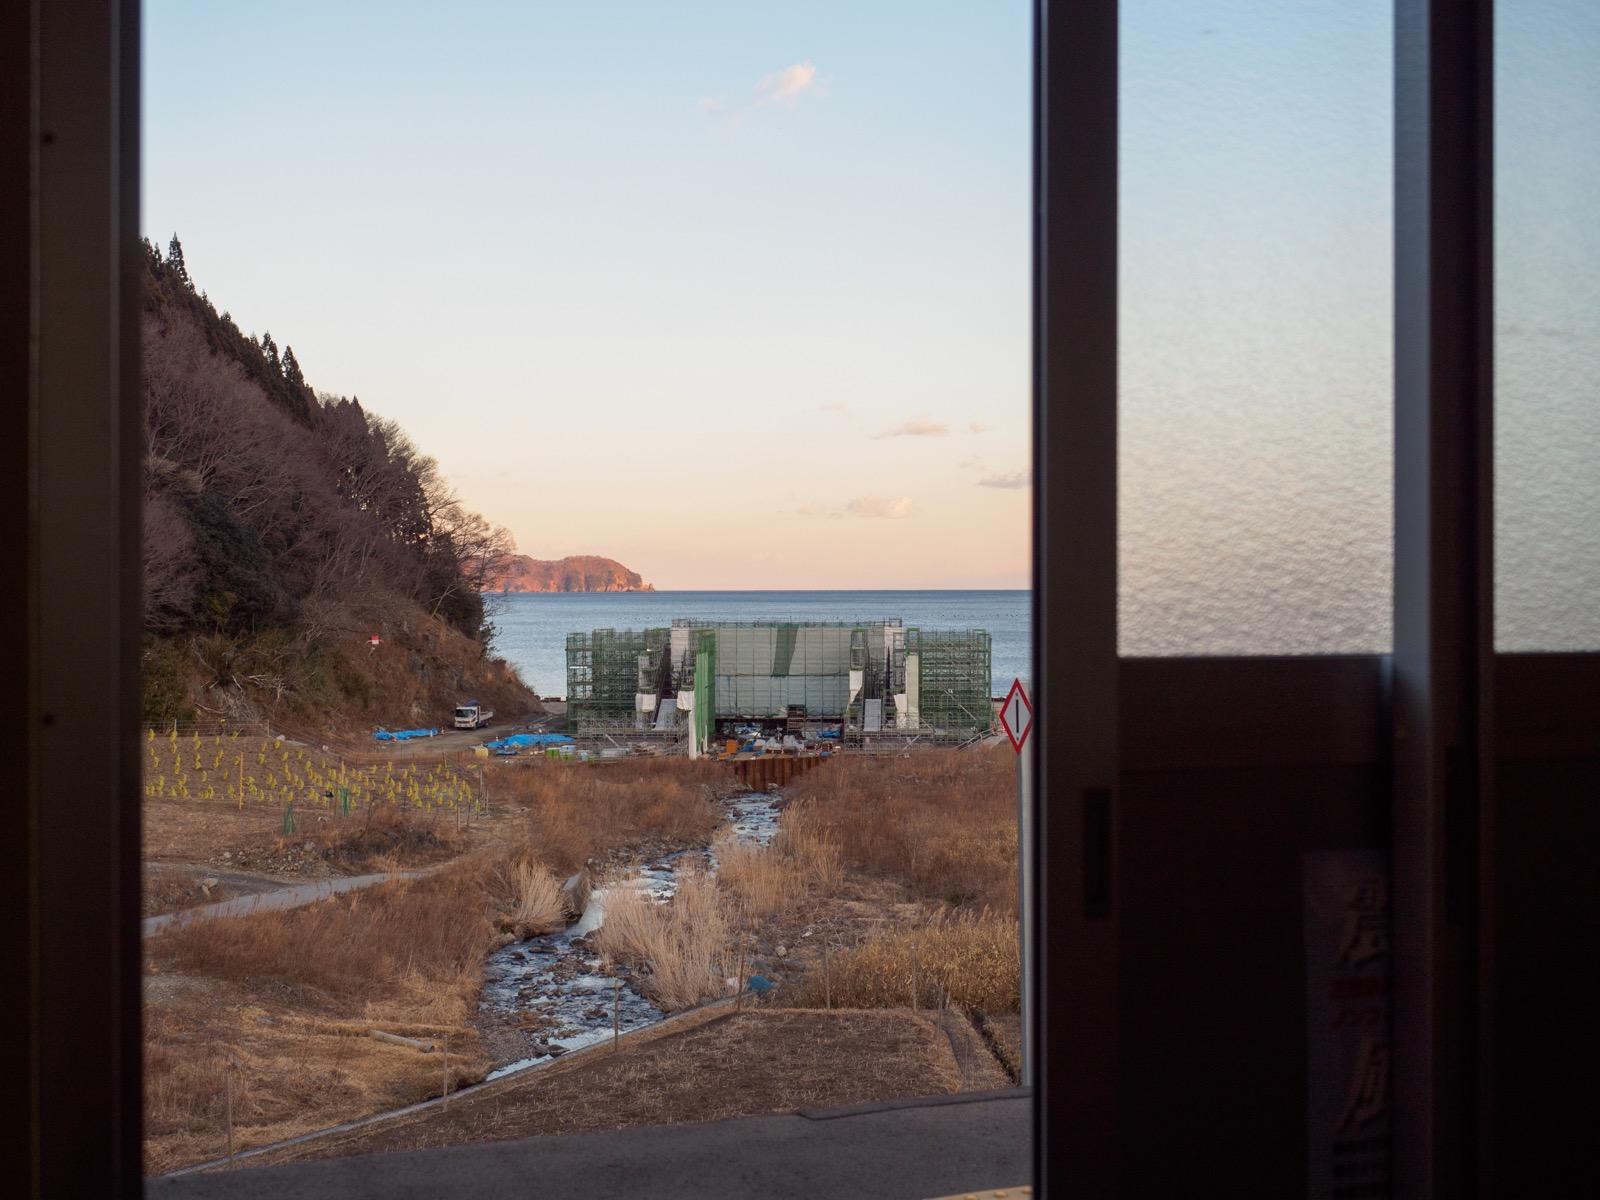 甫嶺駅の待合室から見た越喜来湾